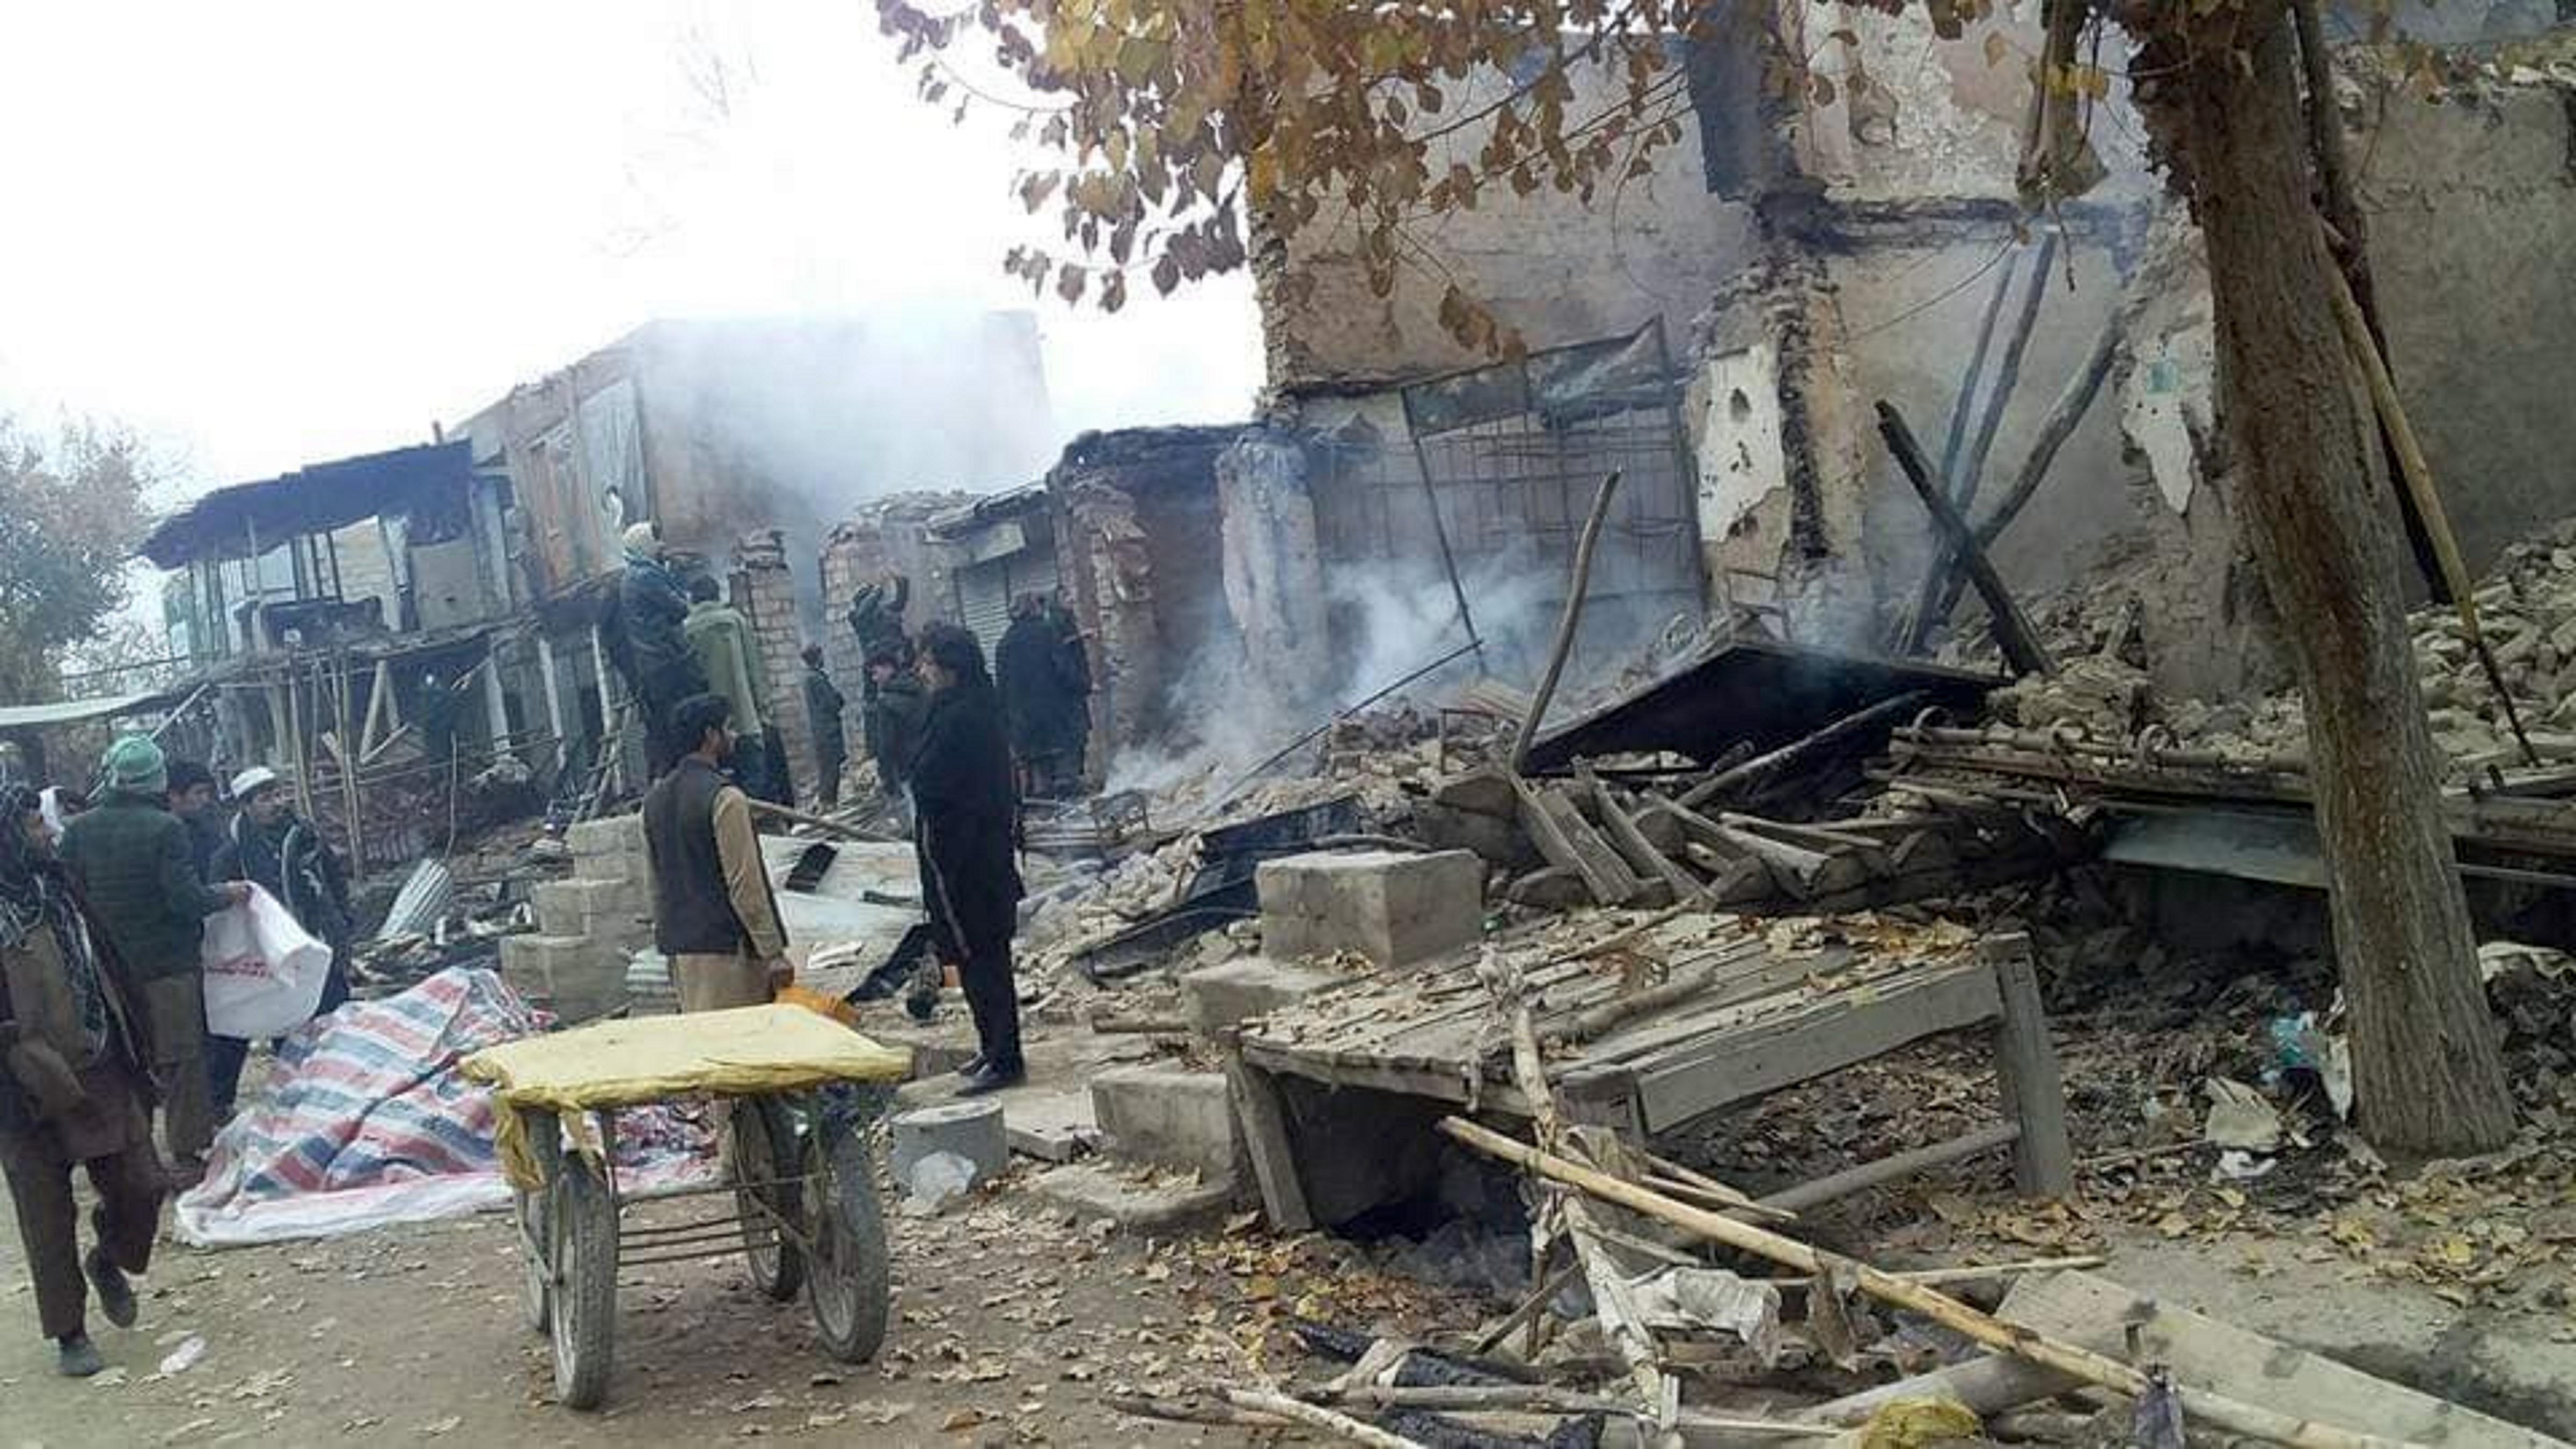 طالبان در حمله بر سرپل دهاقین را غارت کرده و منازل شان را آتش زده اند